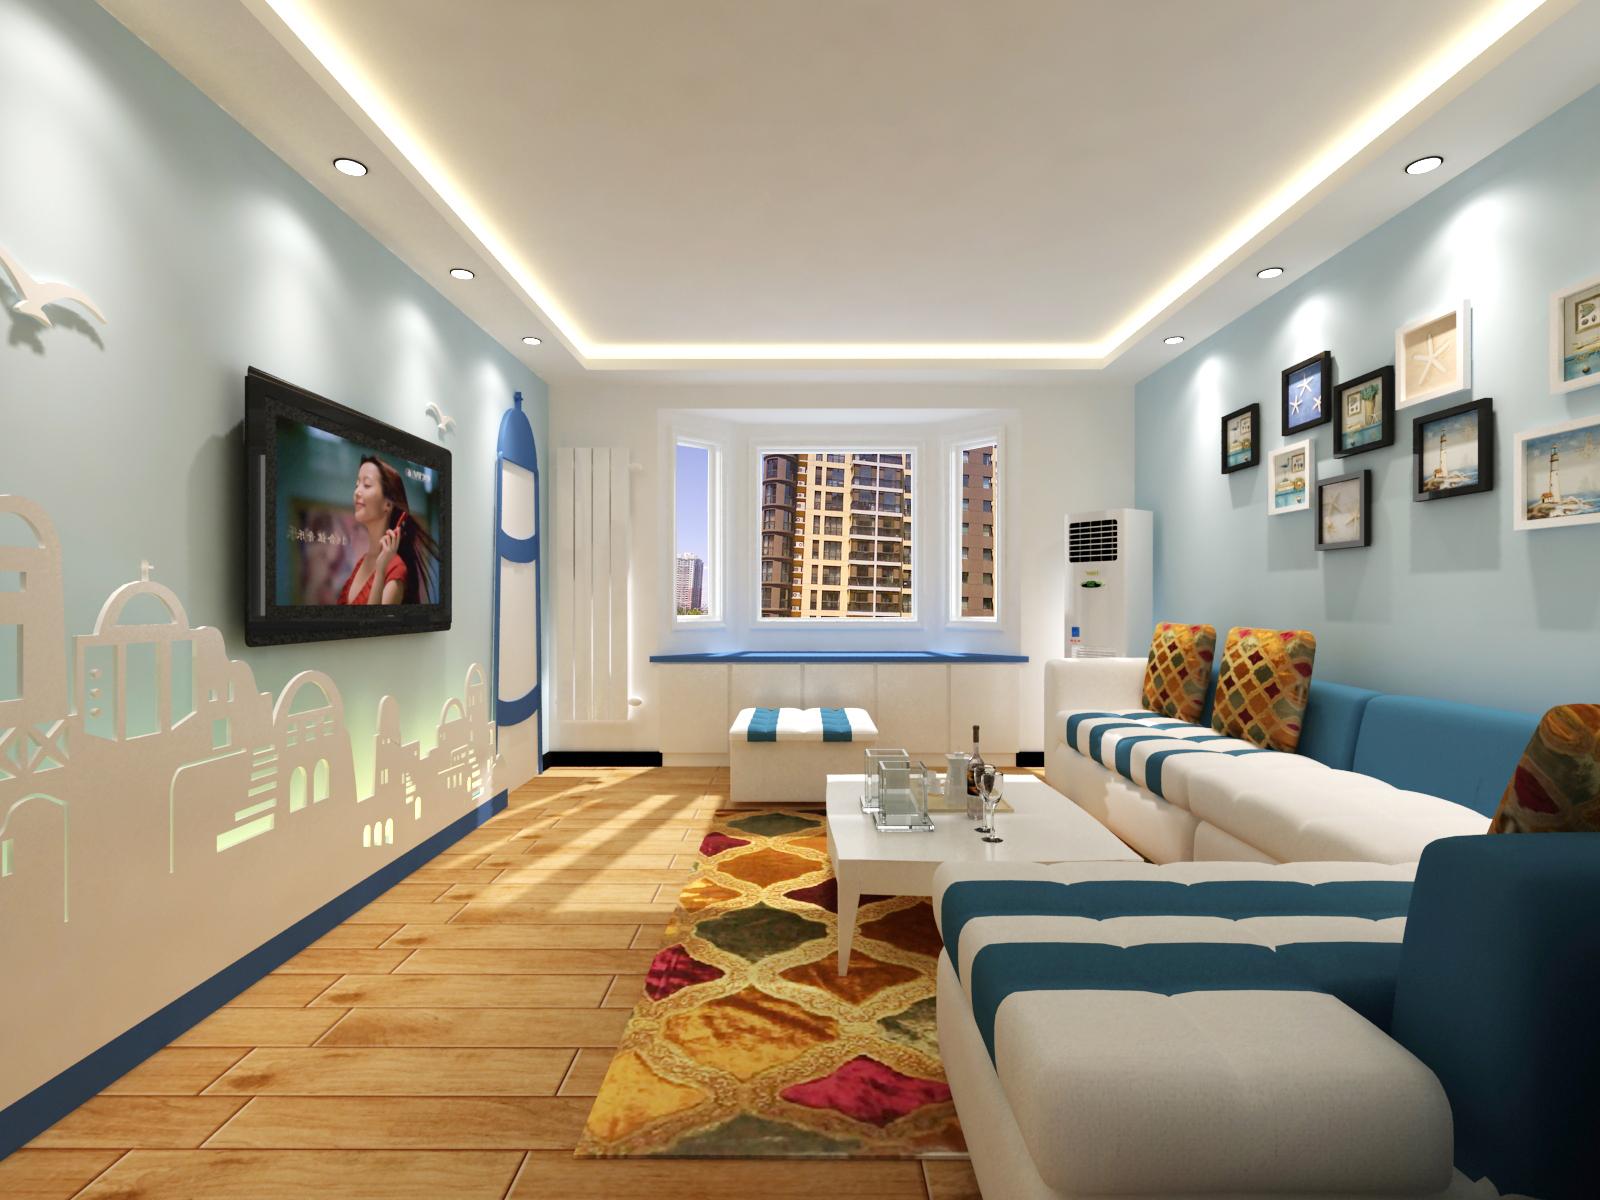 40平米小户型家装设计大全 40平米家装设计要点